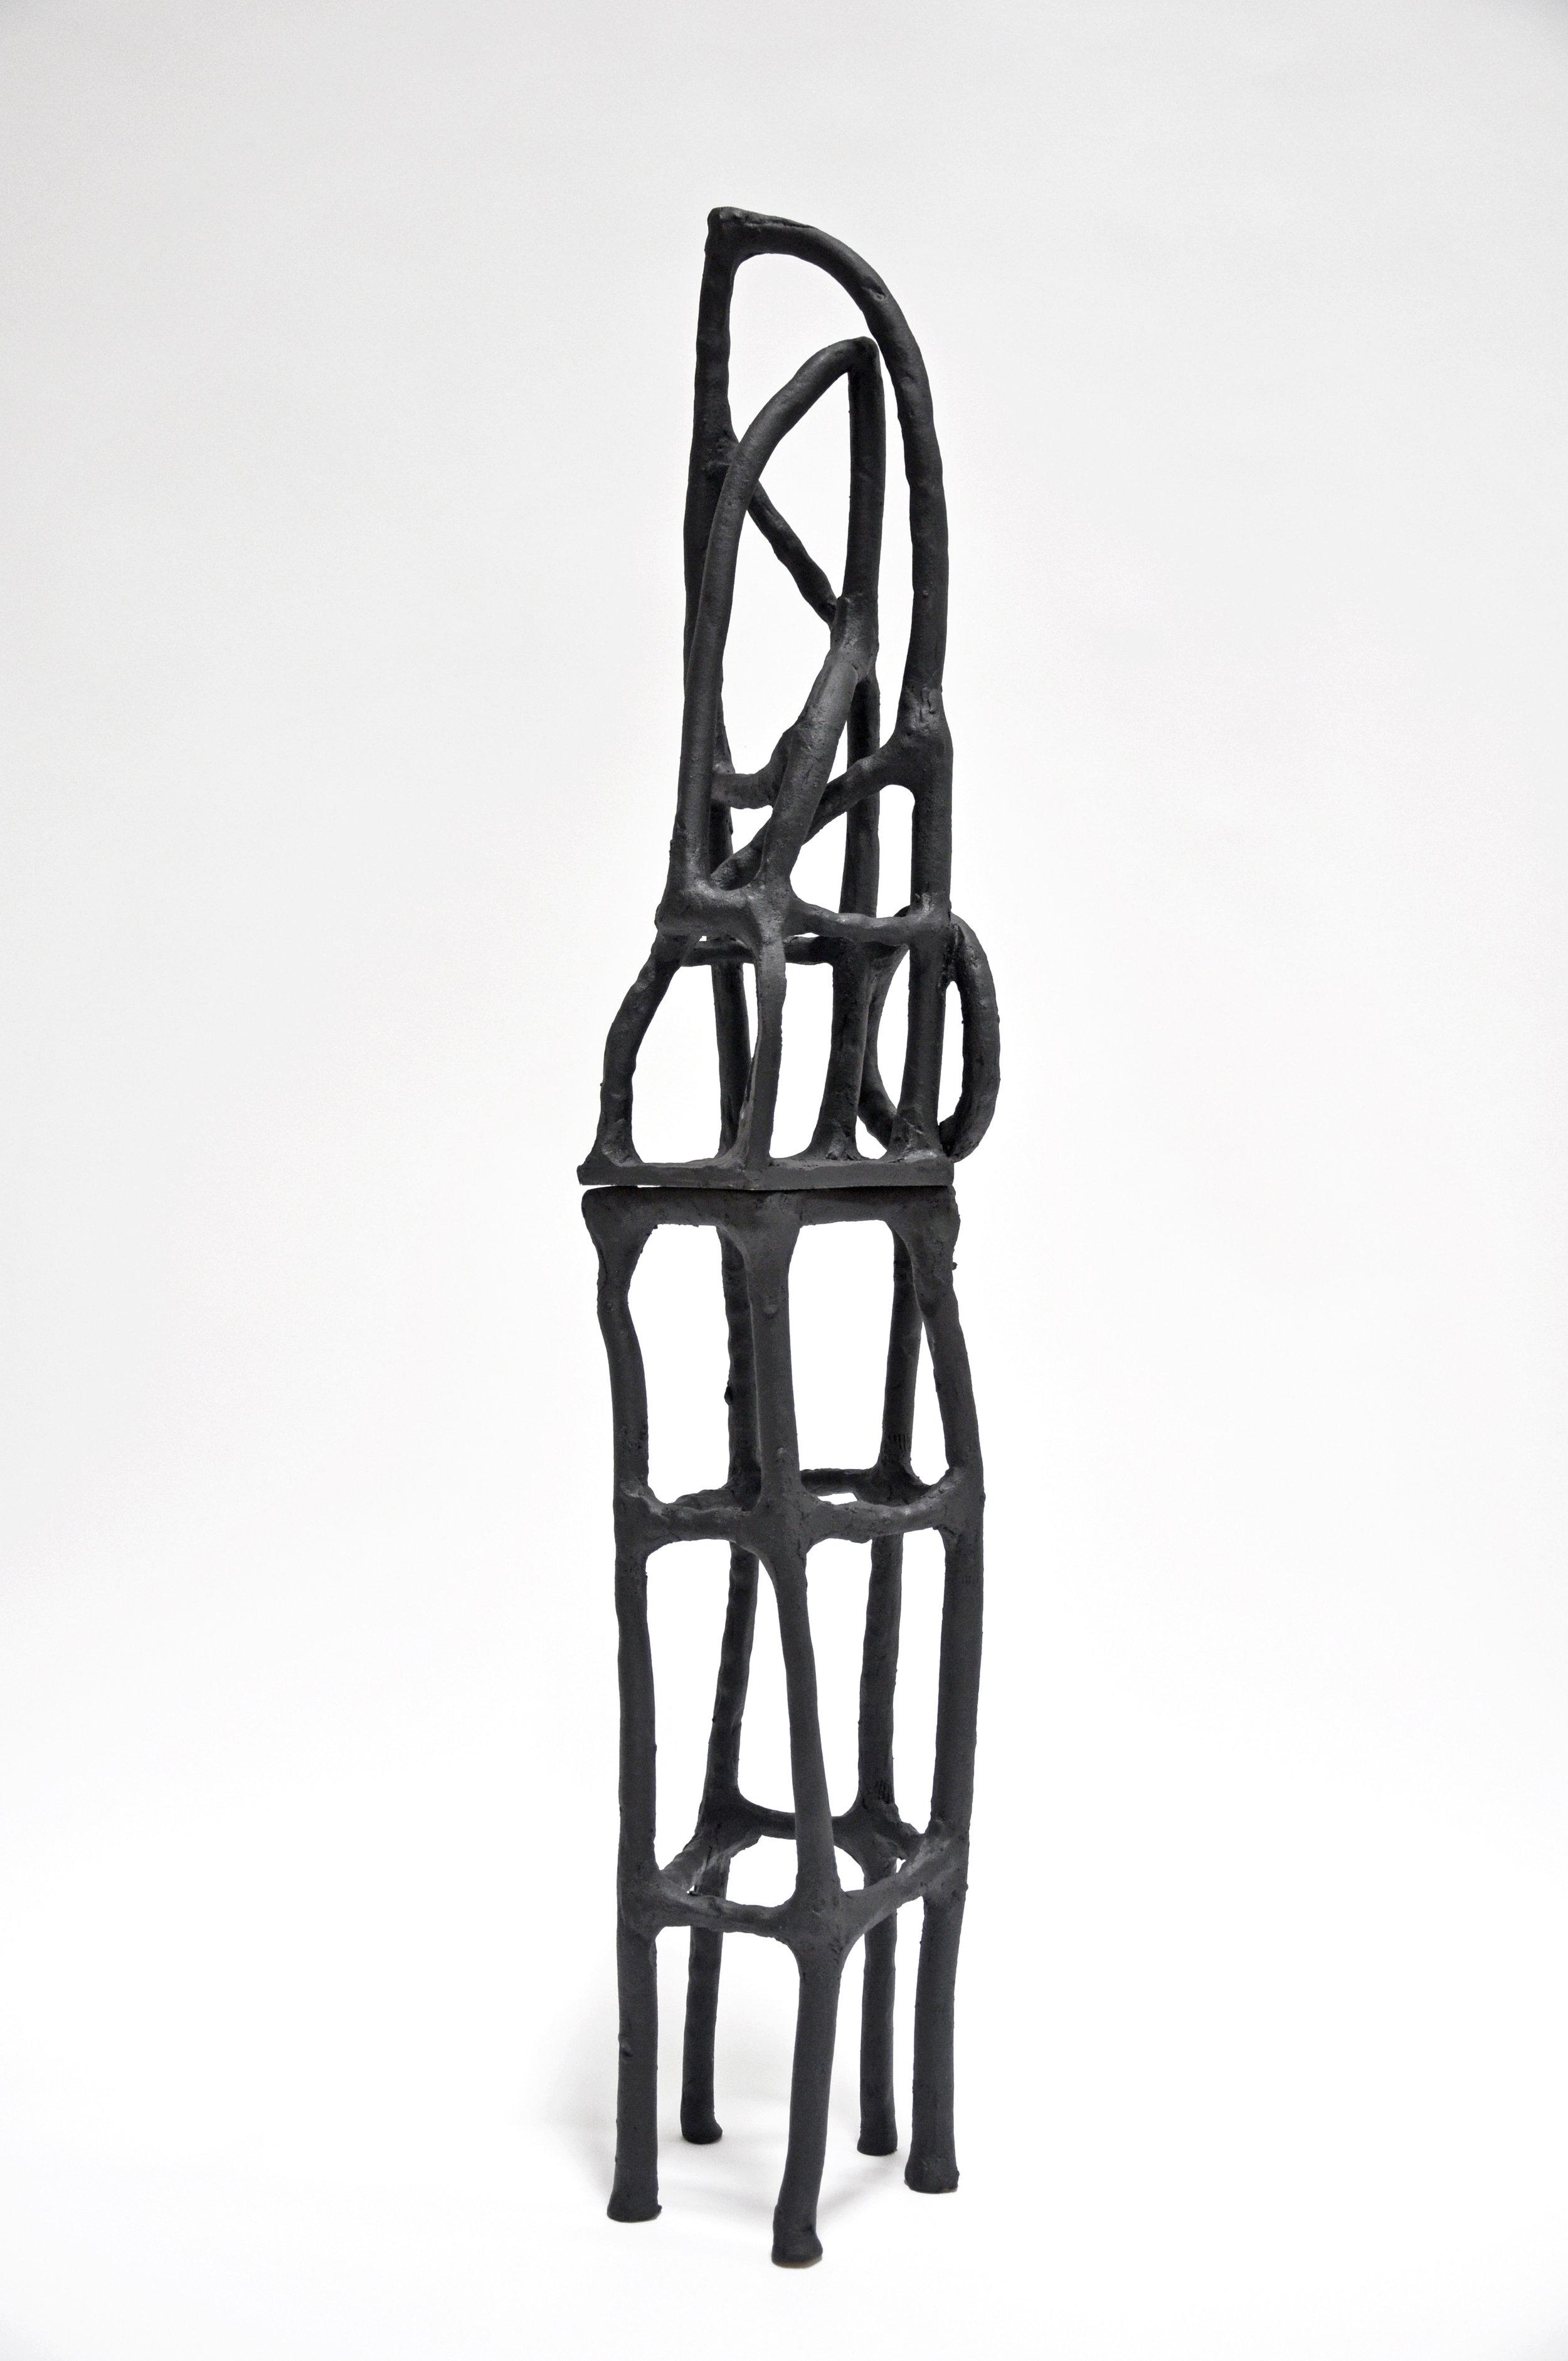 Nick Makanna, Rune XXXV, 45 x 7.5 x 7 in, Glazed ceramic, 2019